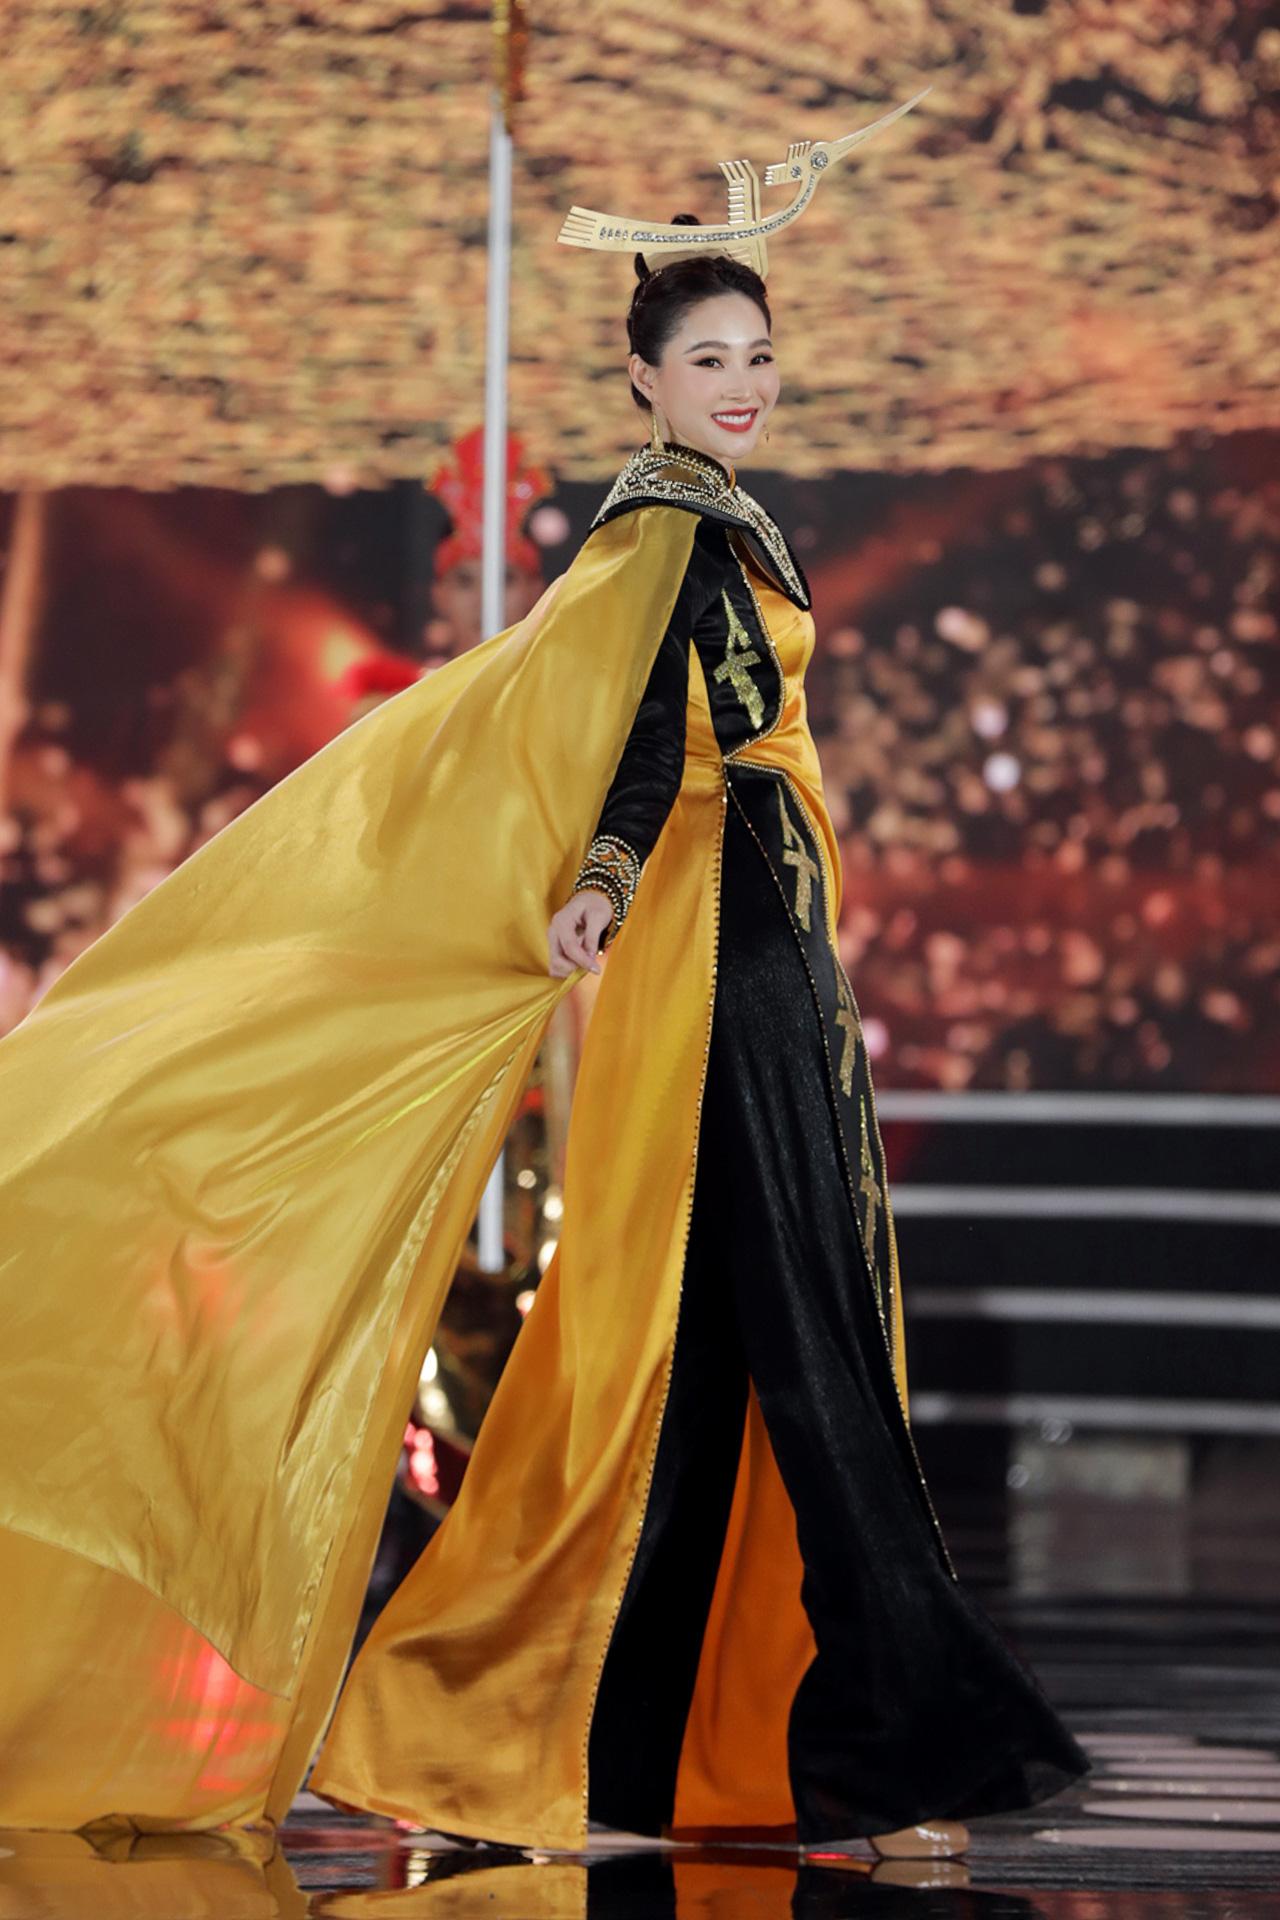 5 Hoa hậu mặc áo dài đọ sắc Chung kết Hoa hậu Việt Nam: Đặng Thu Thảo đẹp tựa nữ thần,  - Ảnh 3.